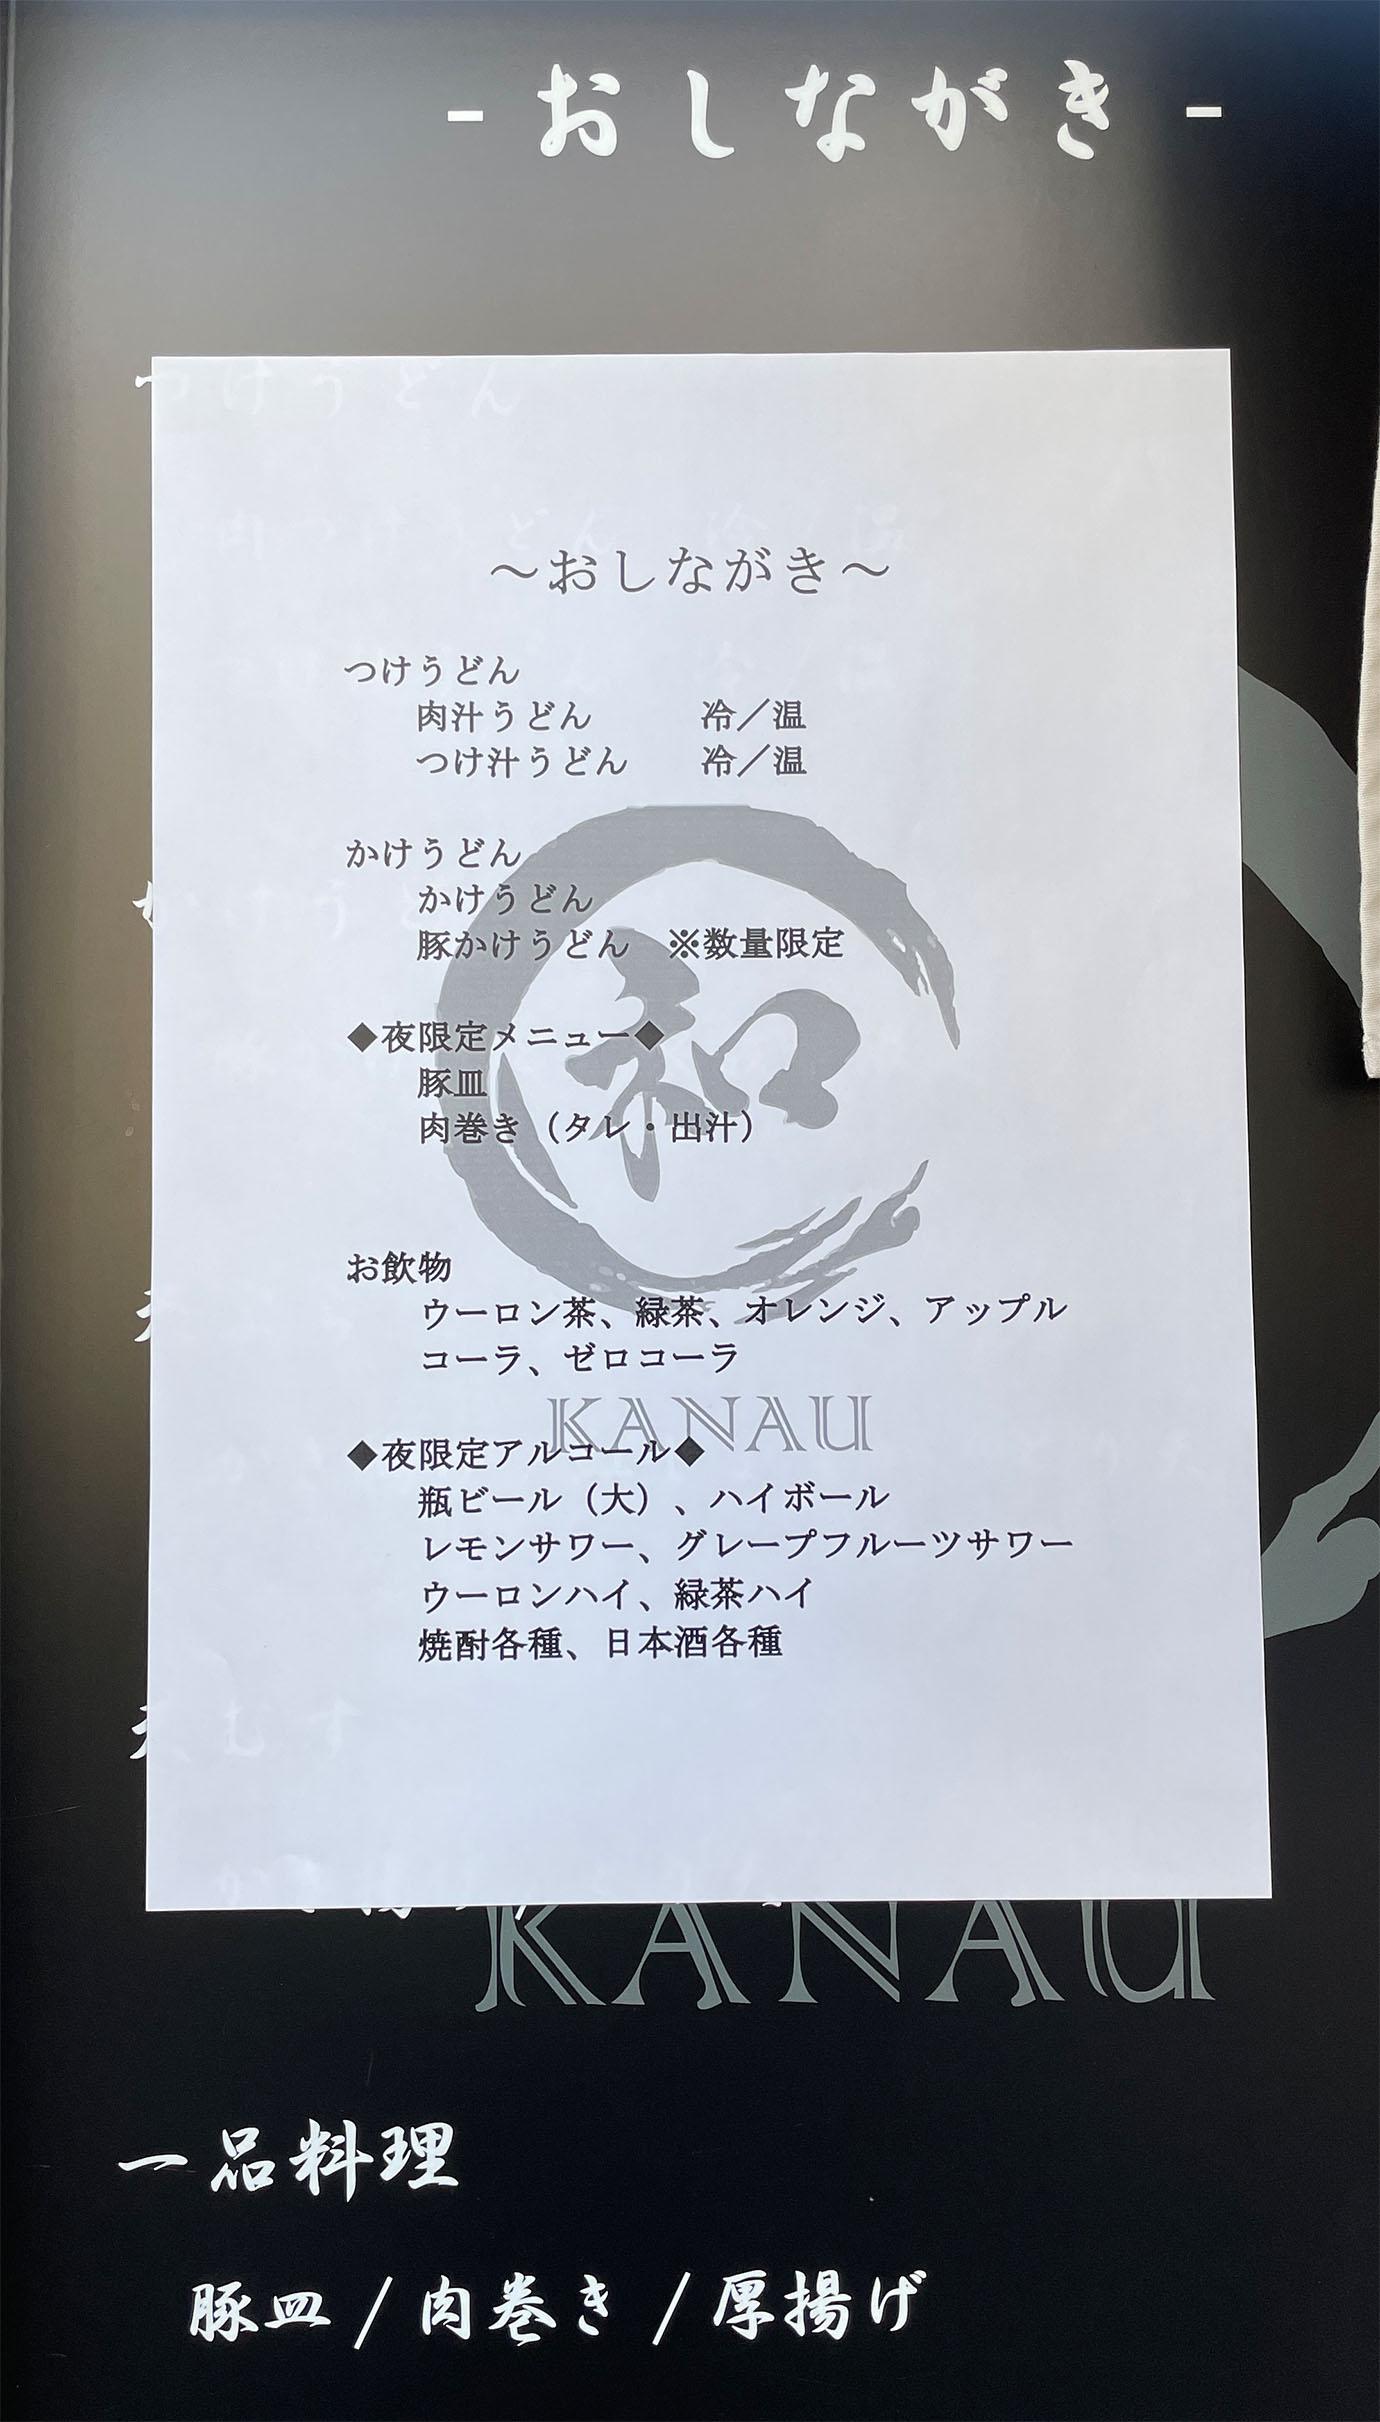 tokyo-gotanda-udon-kanau5